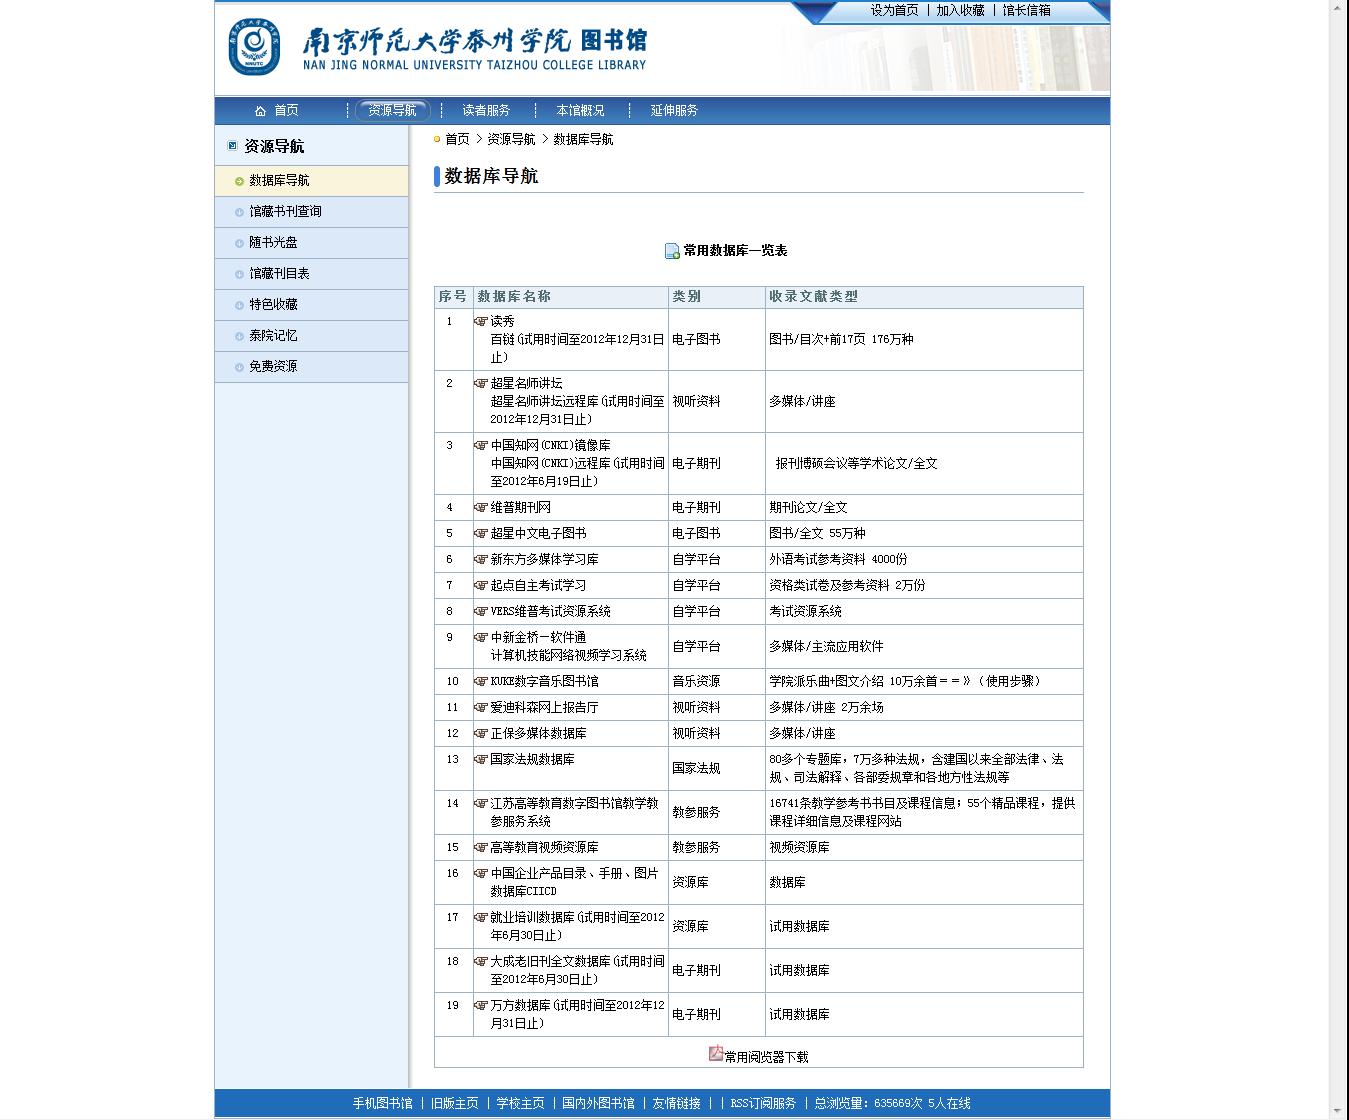 南京师范大学泰州学院全库(含cnki-读秀-维普-万方各种数据库免费入口)sslvpn